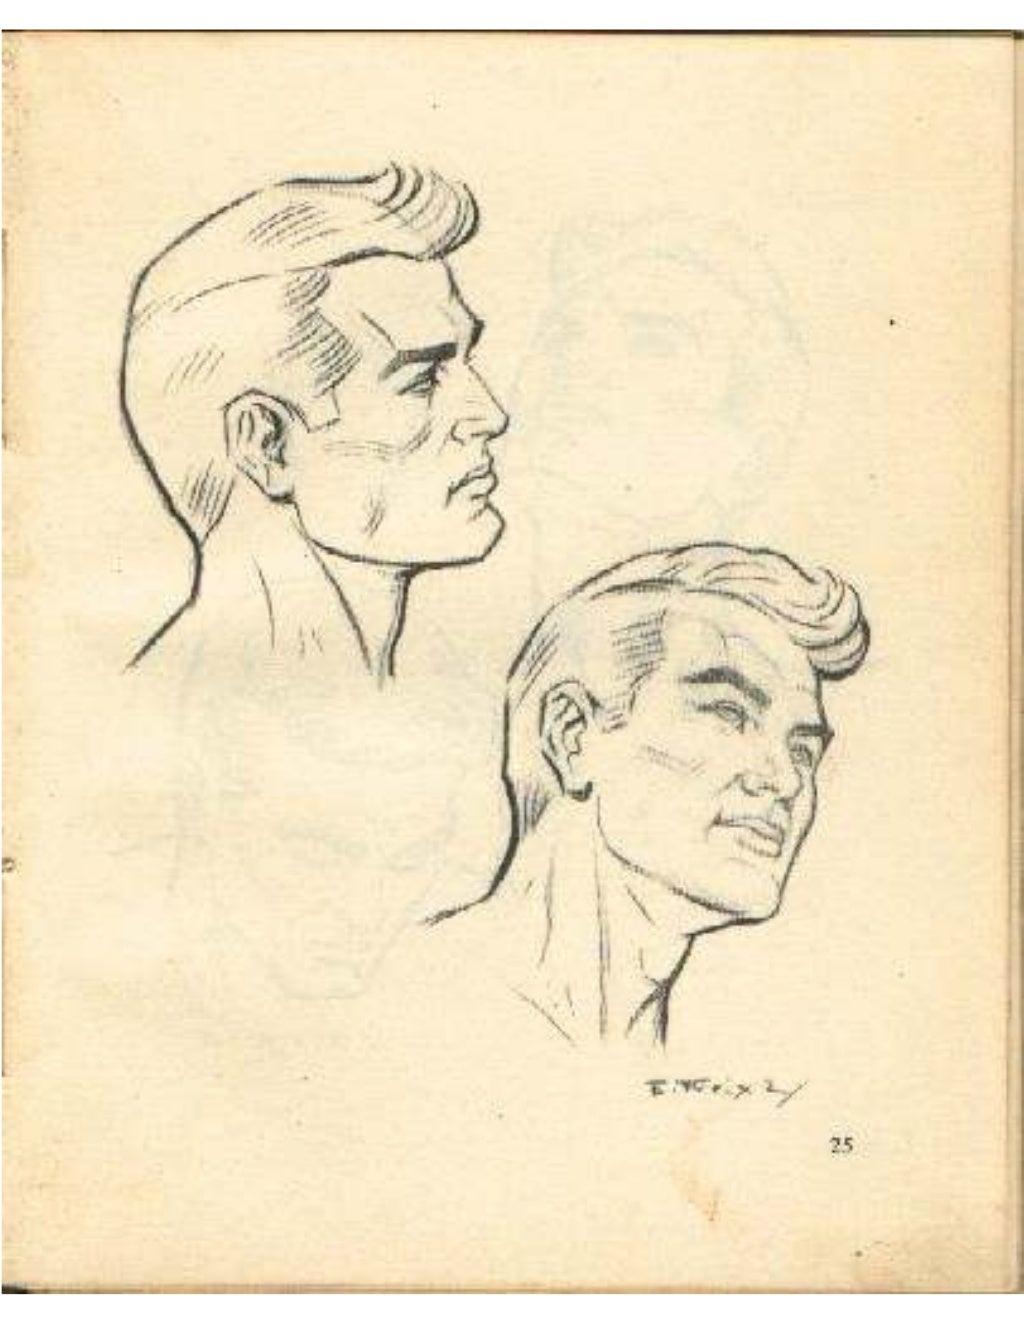 Libros para dibujar Andrew Loomis el Gran Maestro